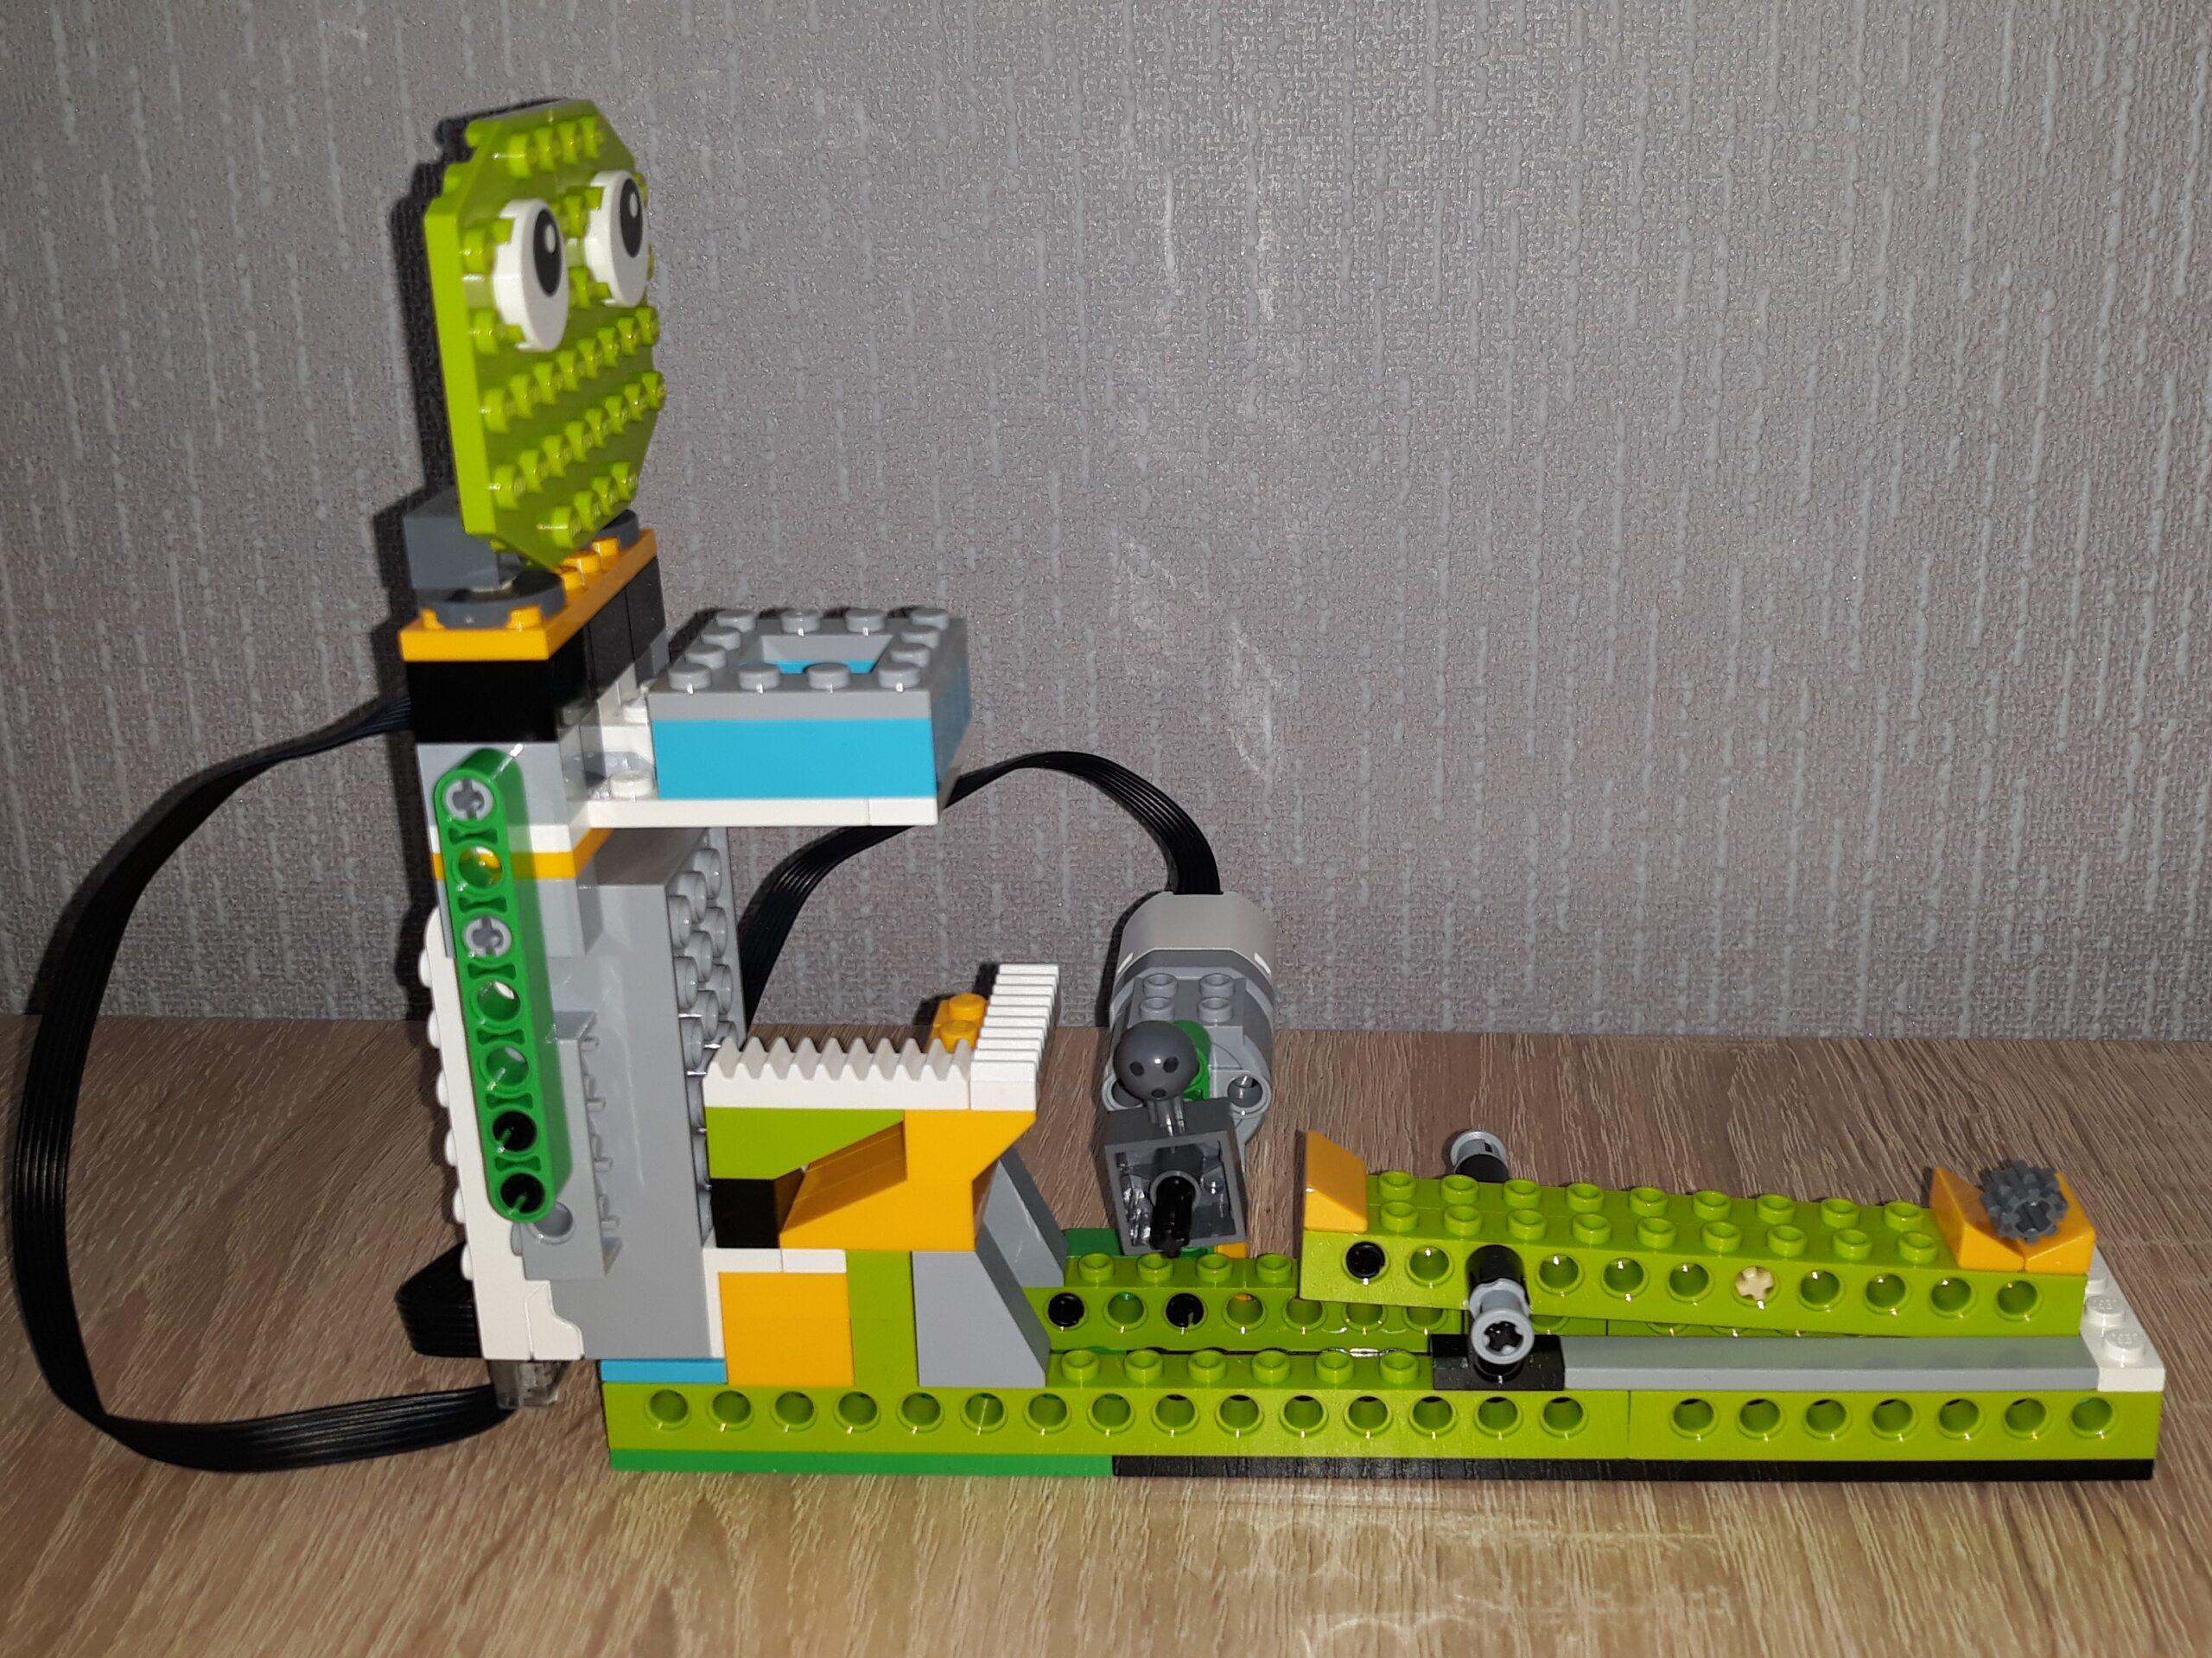 Скачать инструкцию по сборке из набора LEGO Education WeDo 2.0 Баскетбольное кольцо